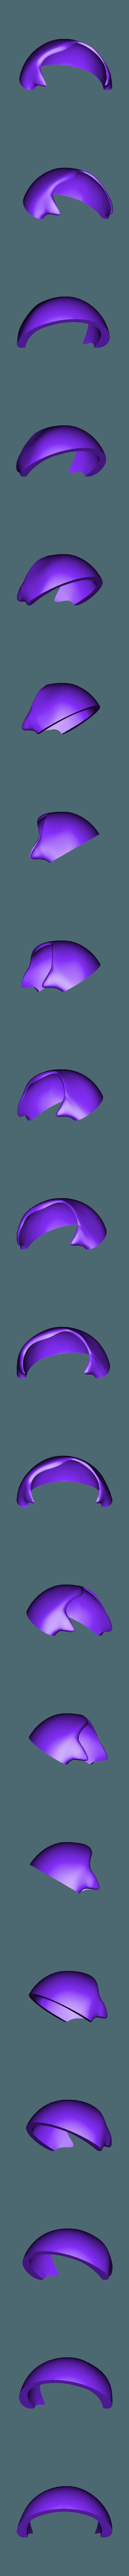 hair_B.stl Télécharger fichier STL gratuit Poupée articulée à aimant style Kasca_Pièces allongées_Perruque cheveux courts • Plan imprimable en 3D, all-kasca